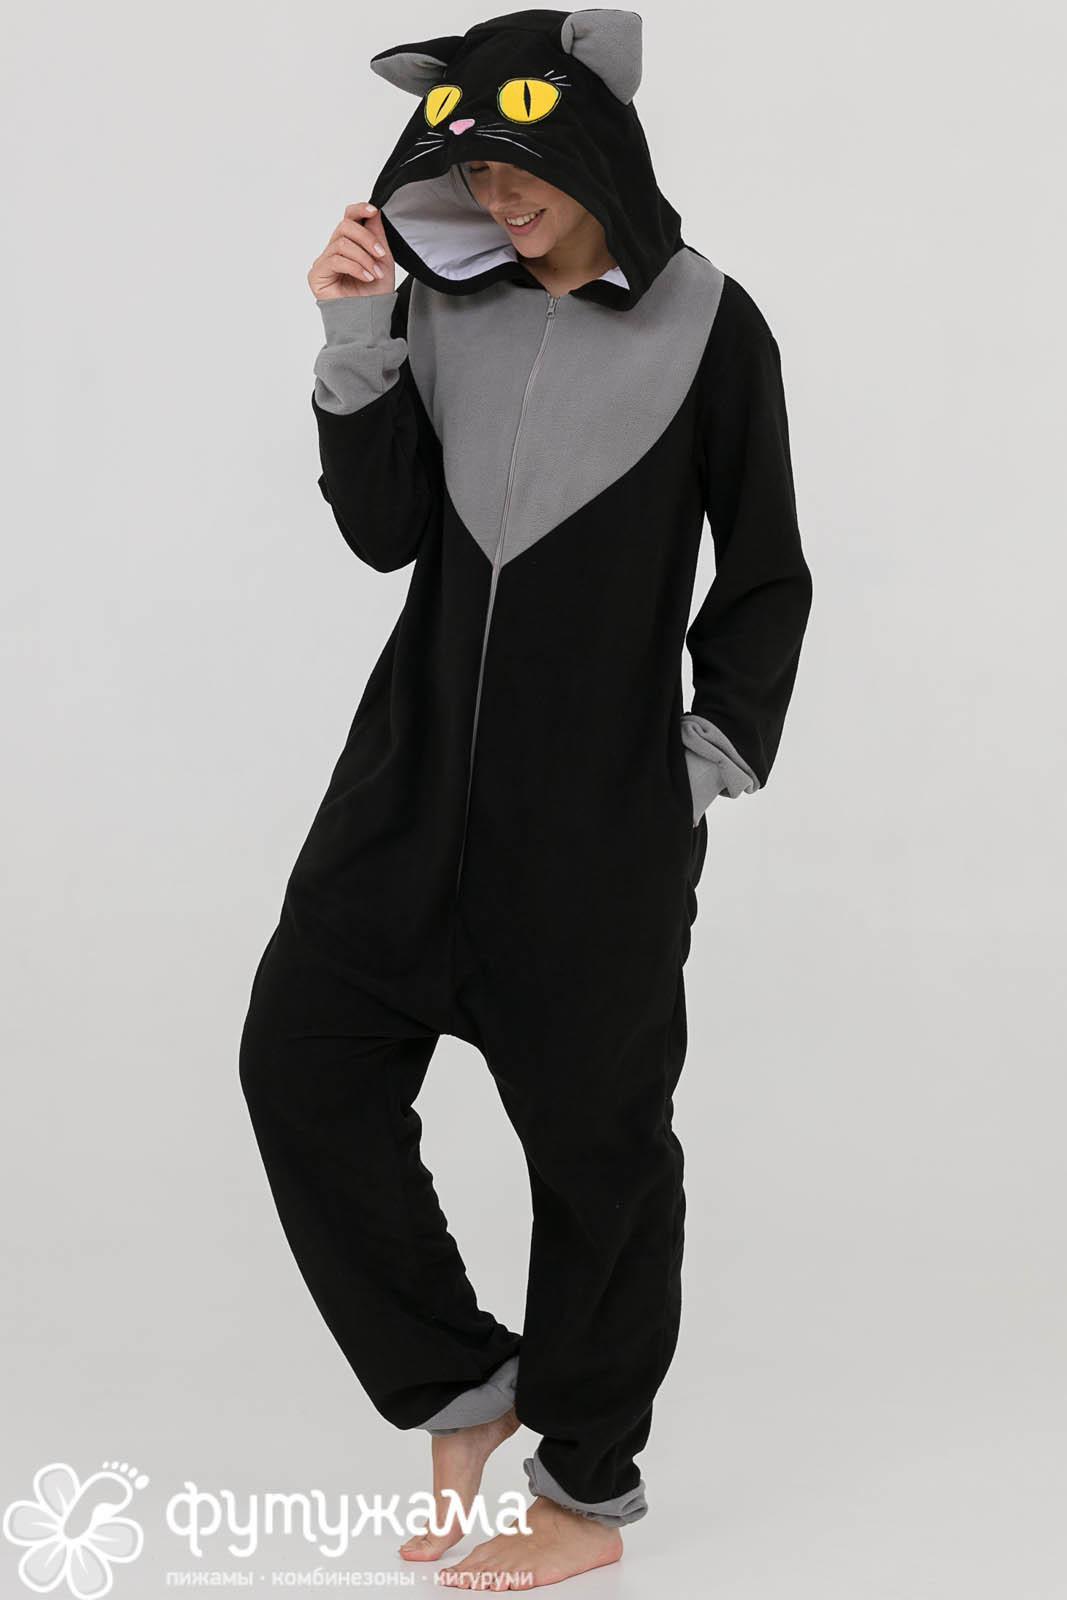 Детская пижама-кигуруми Кот Цвет: Черный (10-12 лет) фото